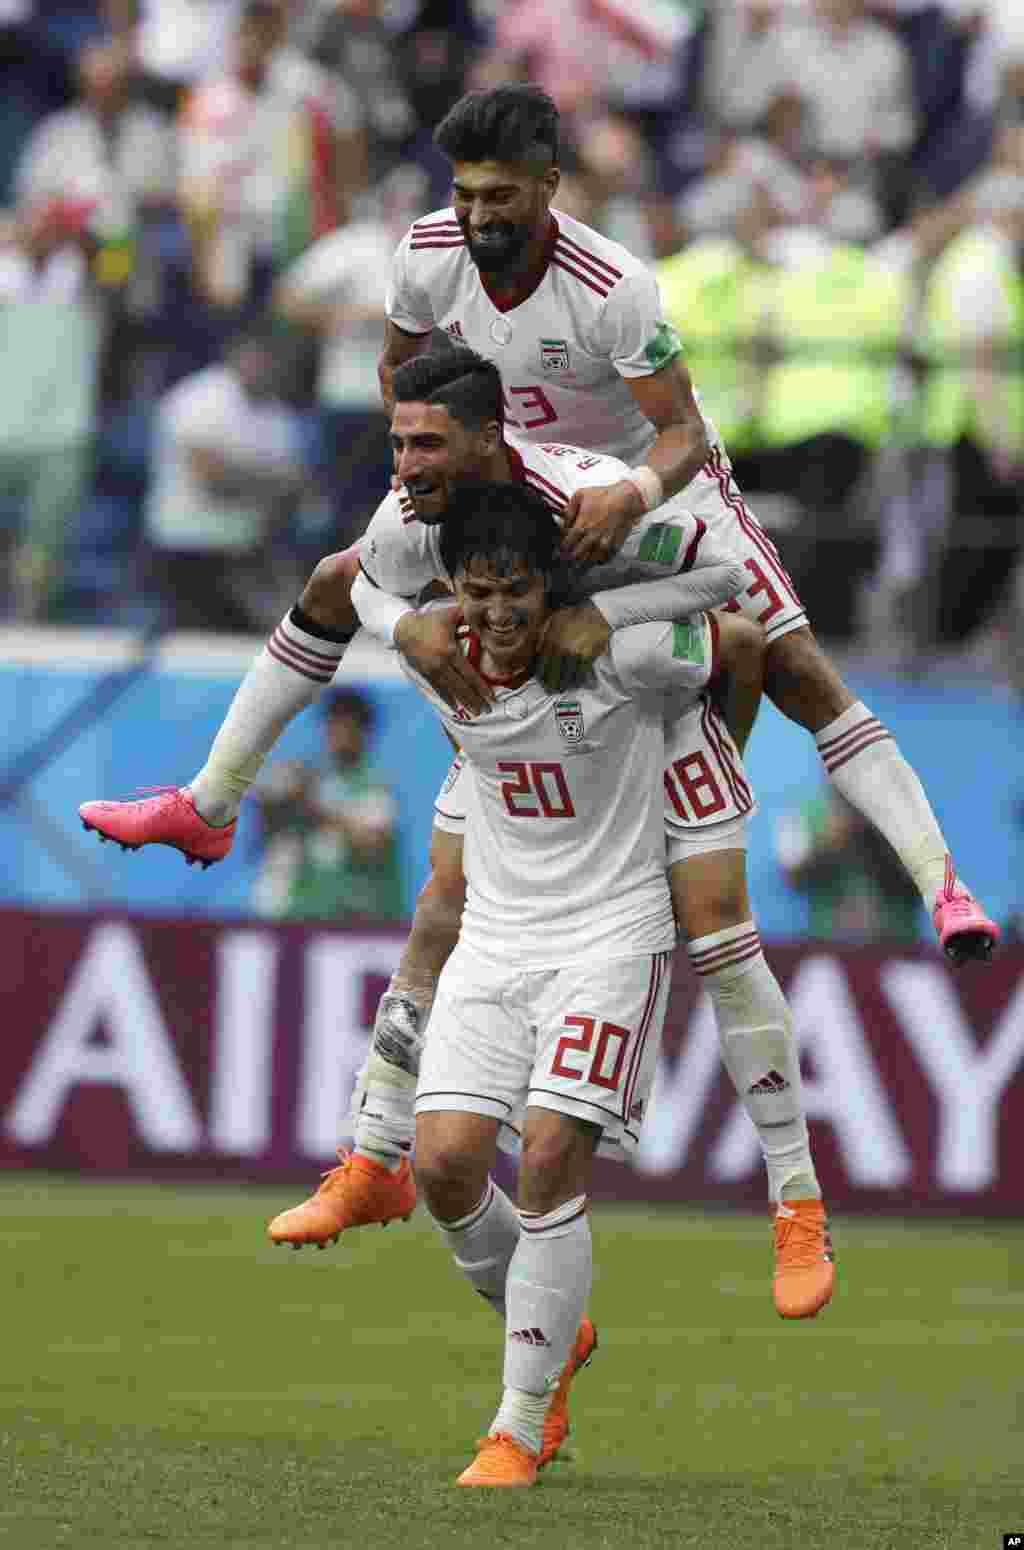 خوشحالی بازیکنان تیم ملی بعد از پیروزی شیرین در مقابل تیم ملی مراکش